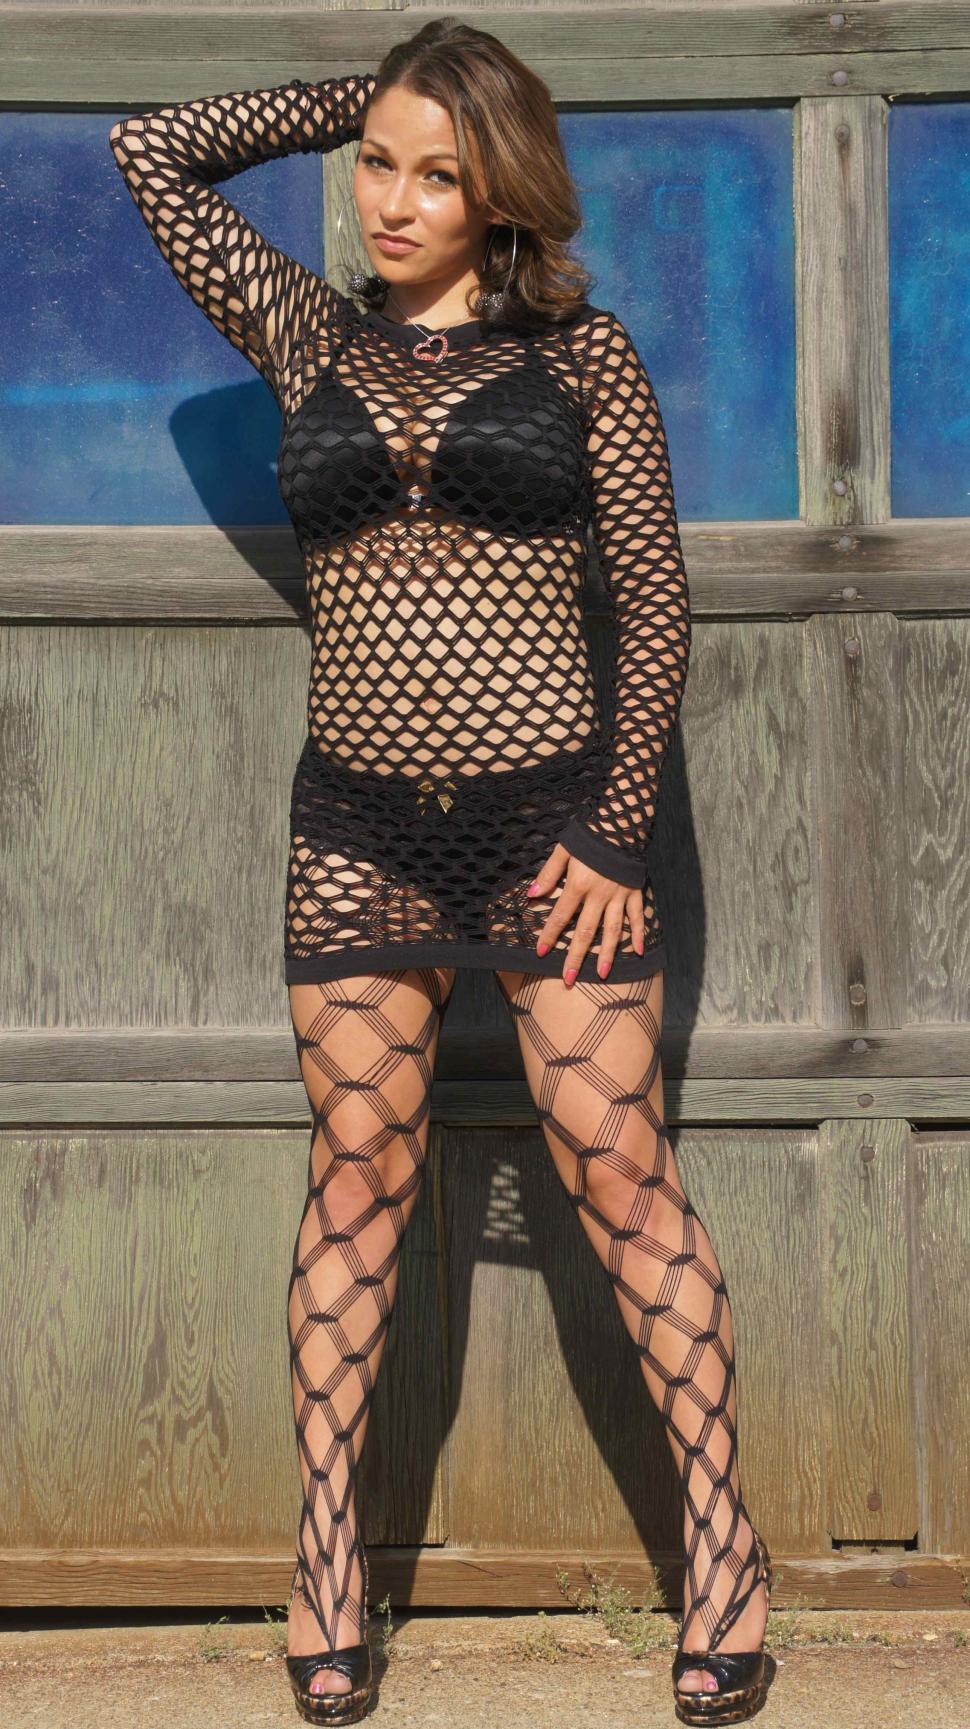 Download Free Stock HD Photo of Woman Opening Garage Door Online